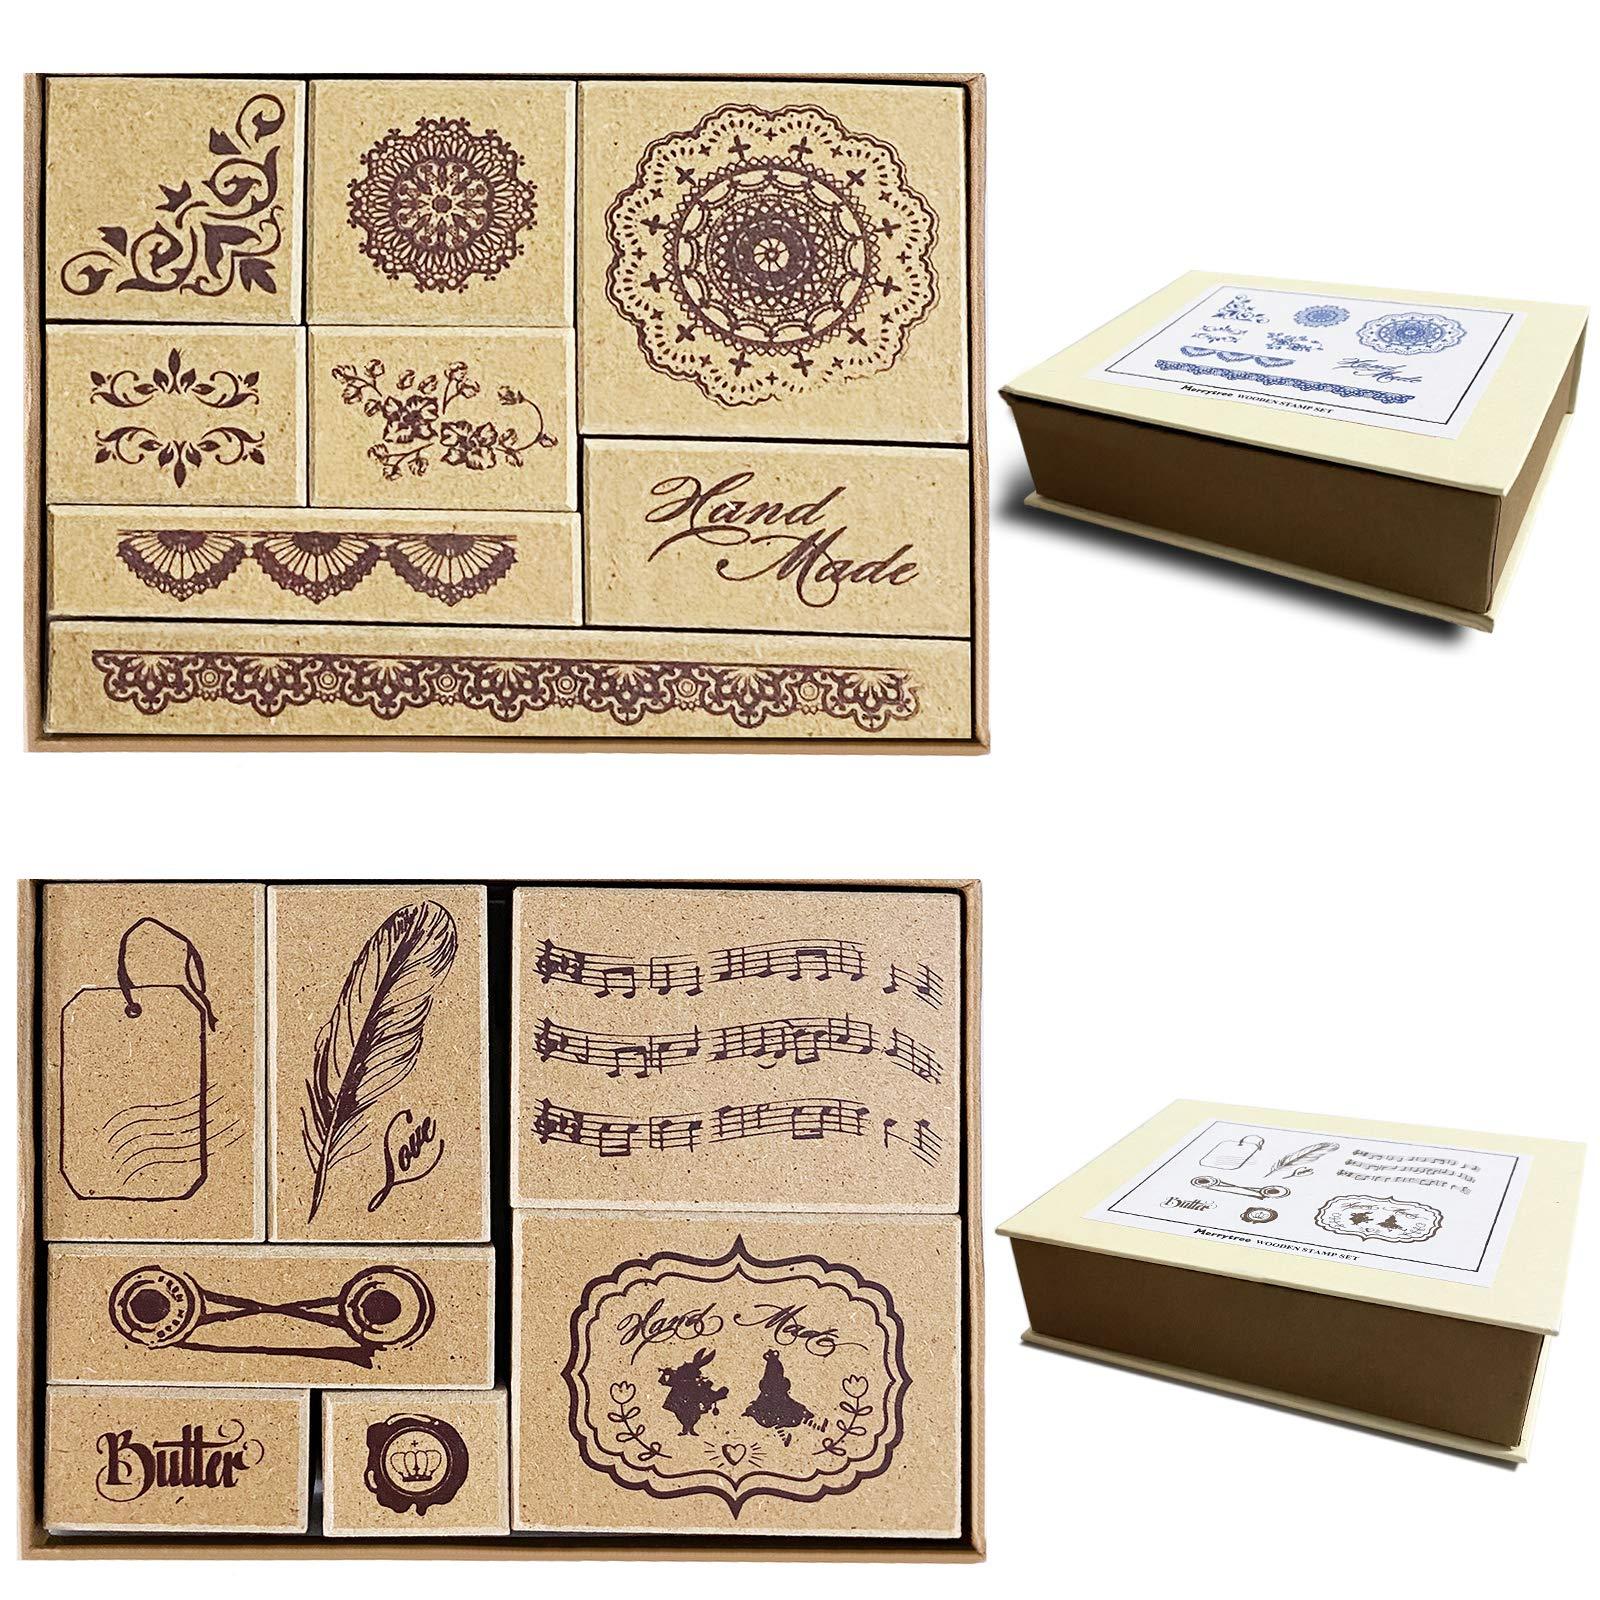 15 piezas de sello de goma de madera/hojas de sello para álbum de fotos decorativo, conjunto de sellos de bloc de notas de diario de bricolaje Patrones, 2 cajas, patrón